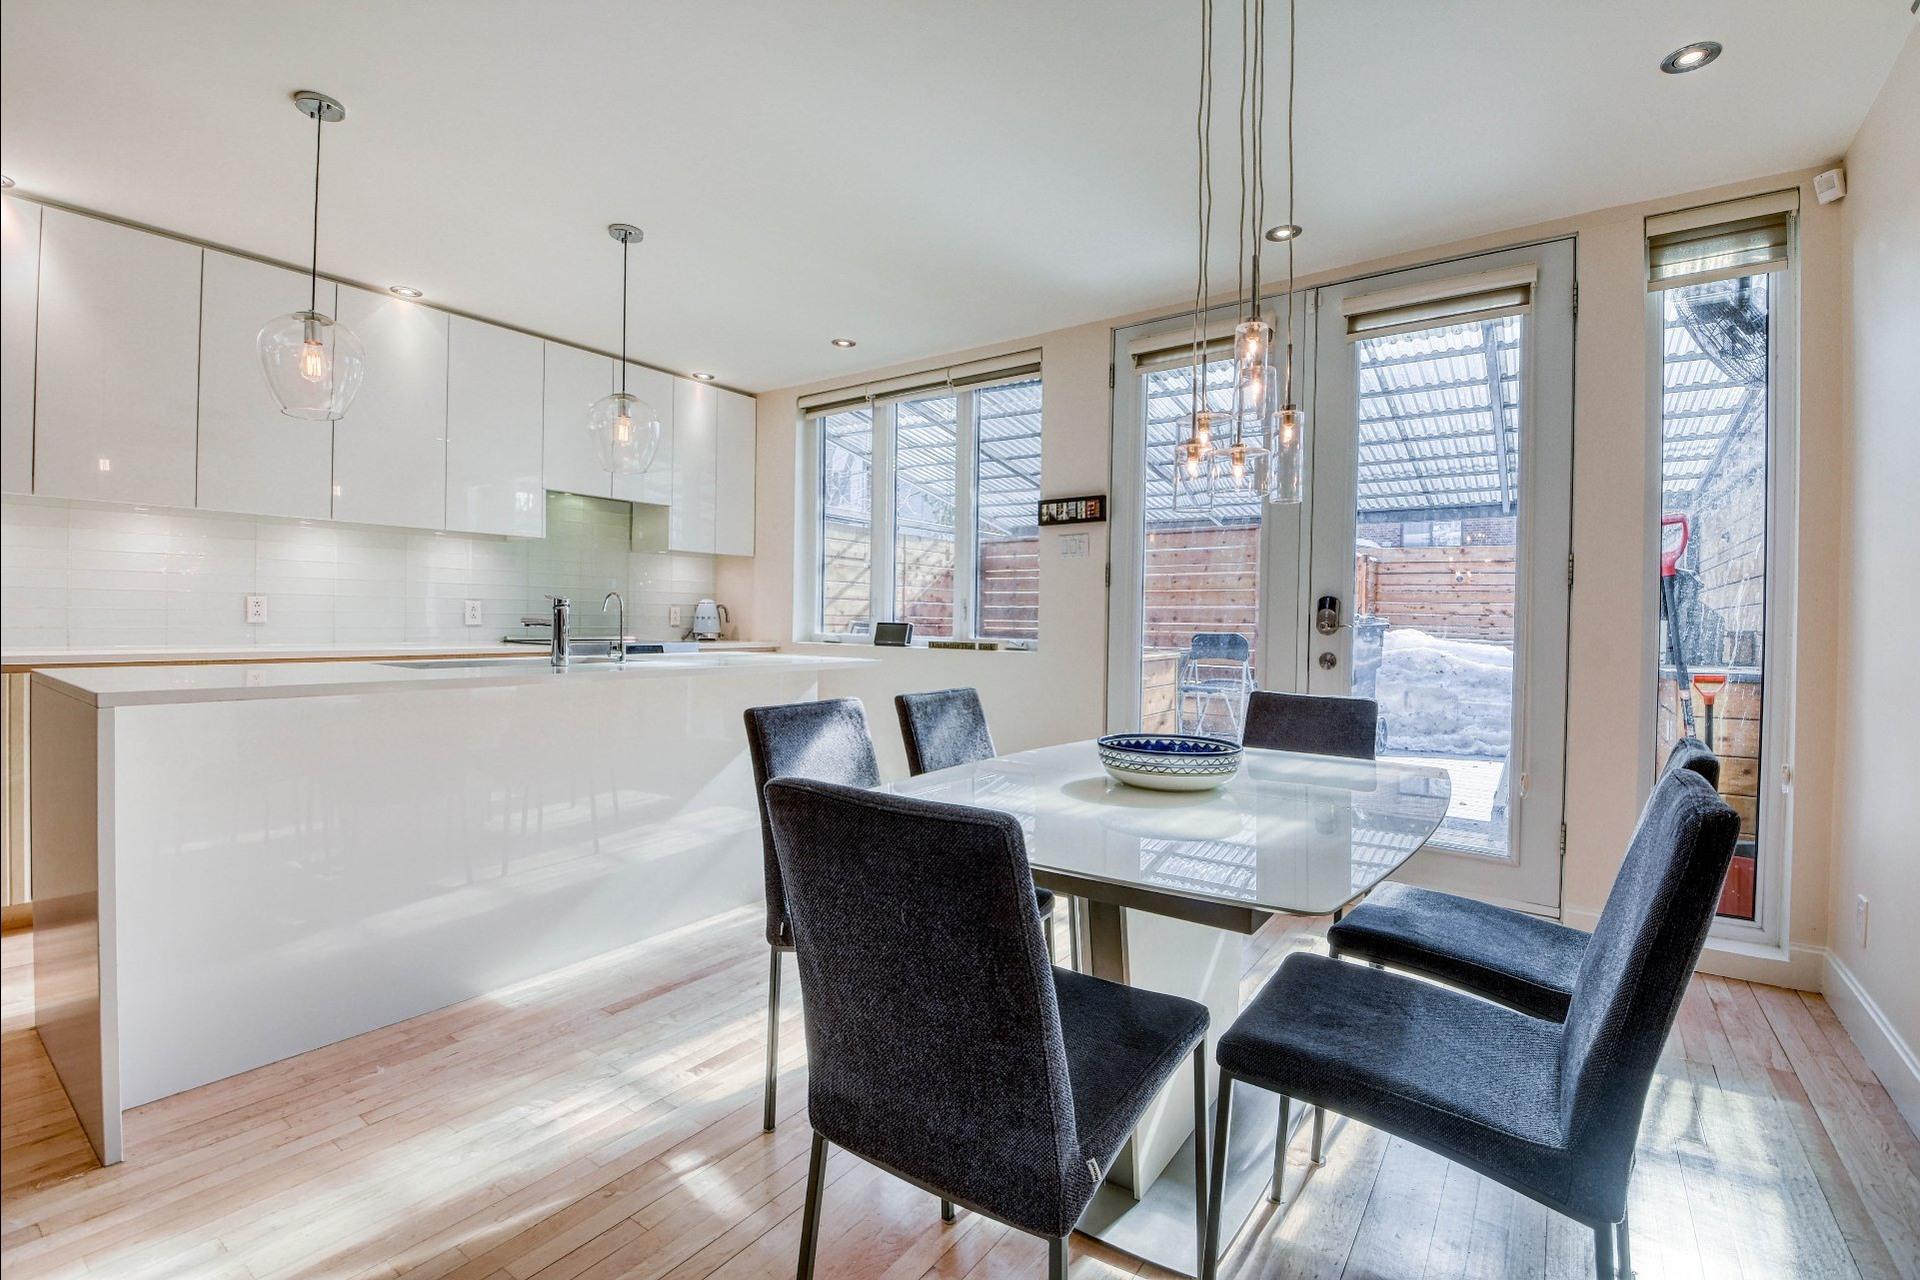 image 6 - Maison À vendre Le Plateau-Mont-Royal Montréal  - 10 pièces